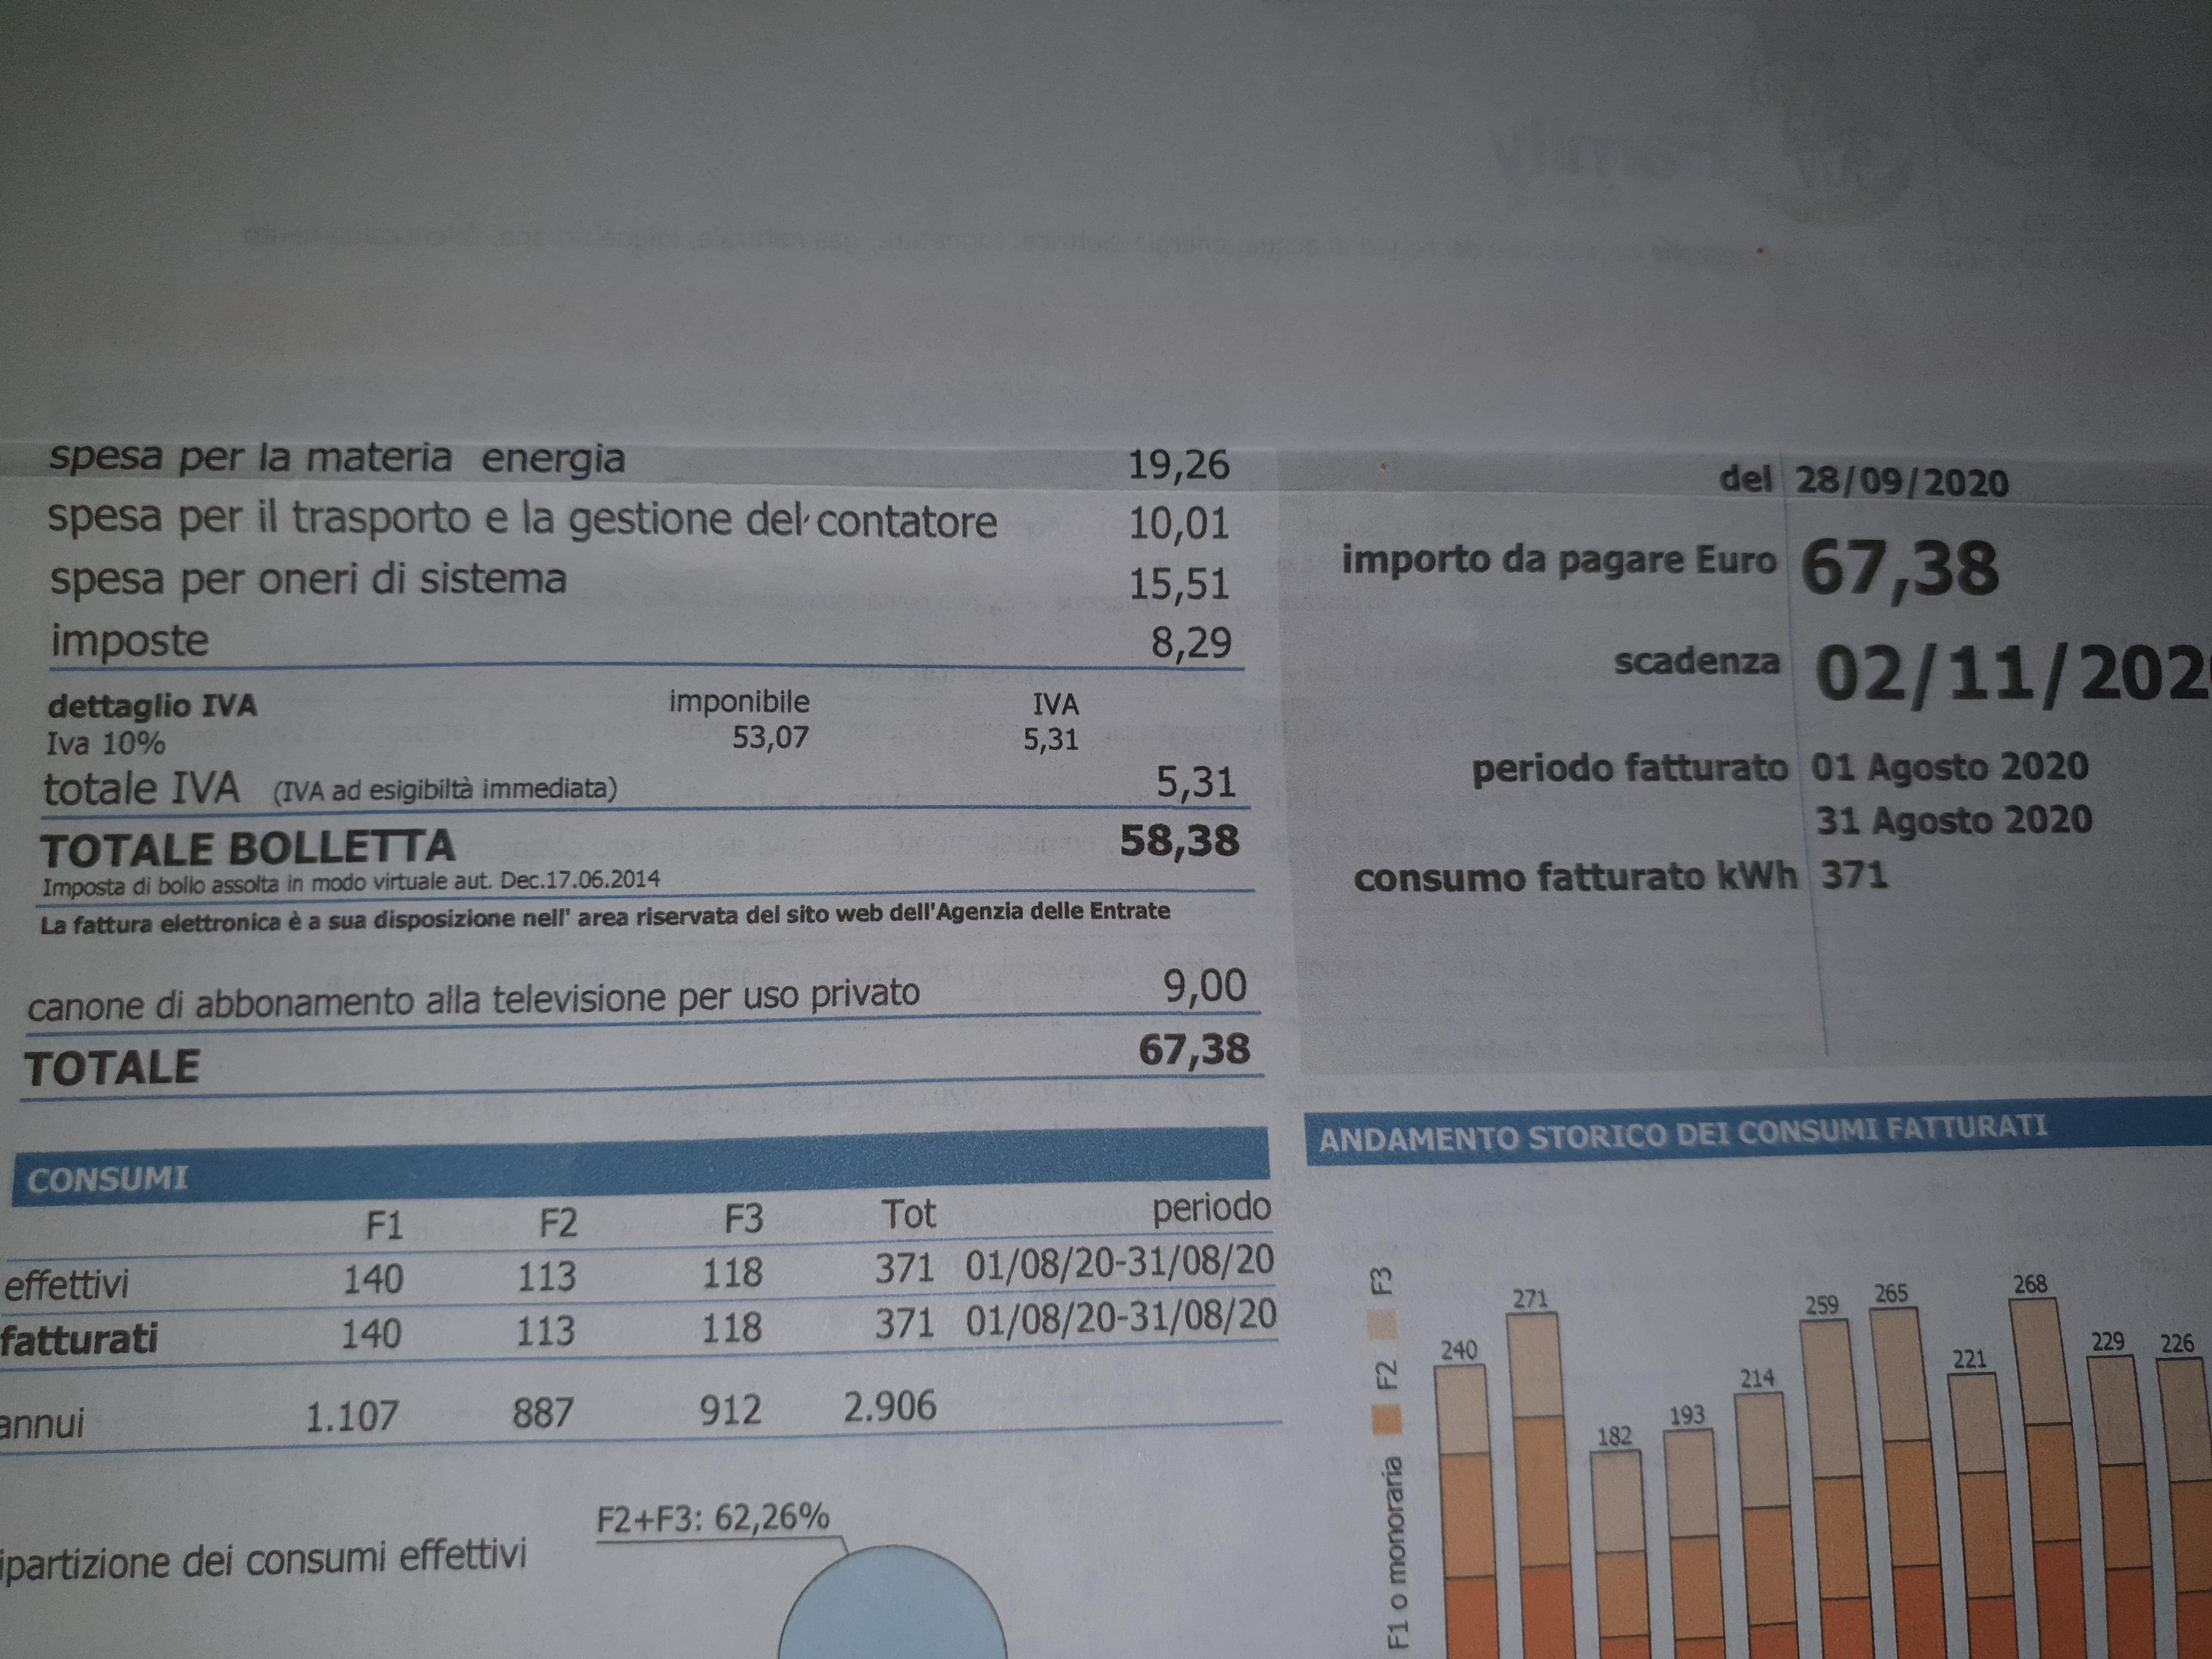 http://www.energialternativa.info/public/newforum/ForumEA/U/16020761119093317786397356260674.jpg